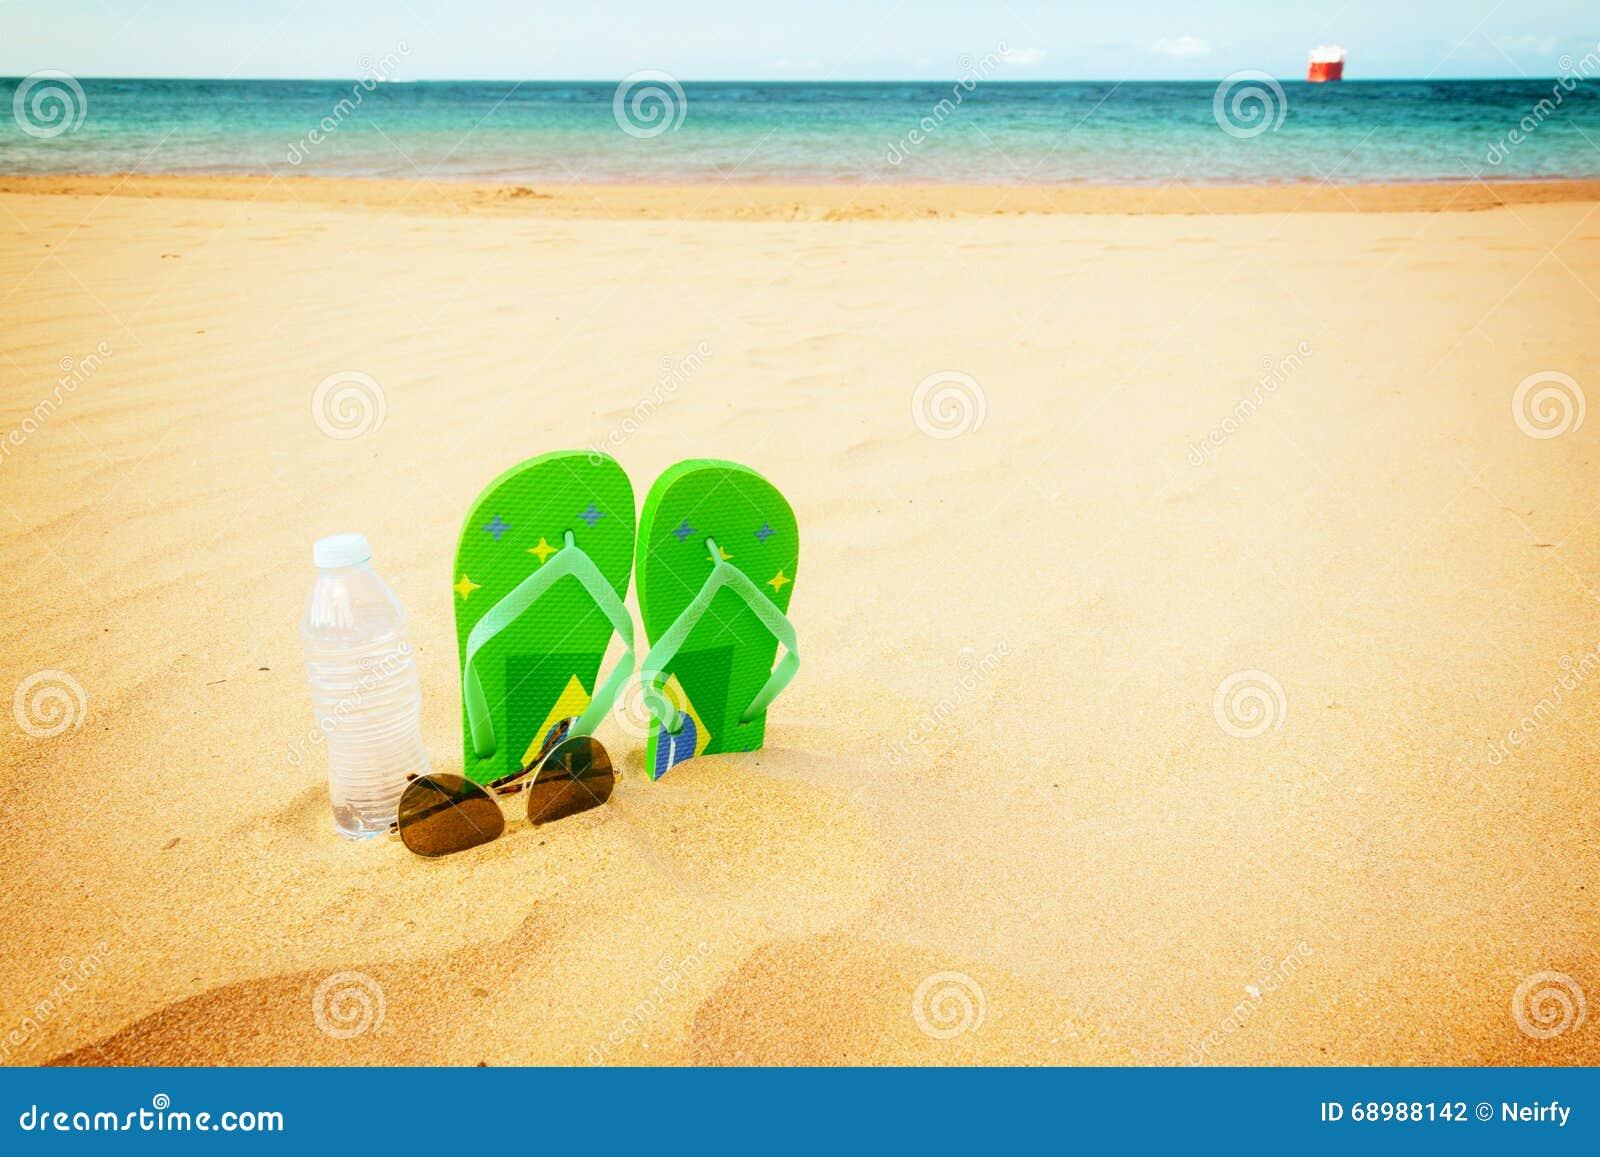 Sandalias verdes en la playa arenosa